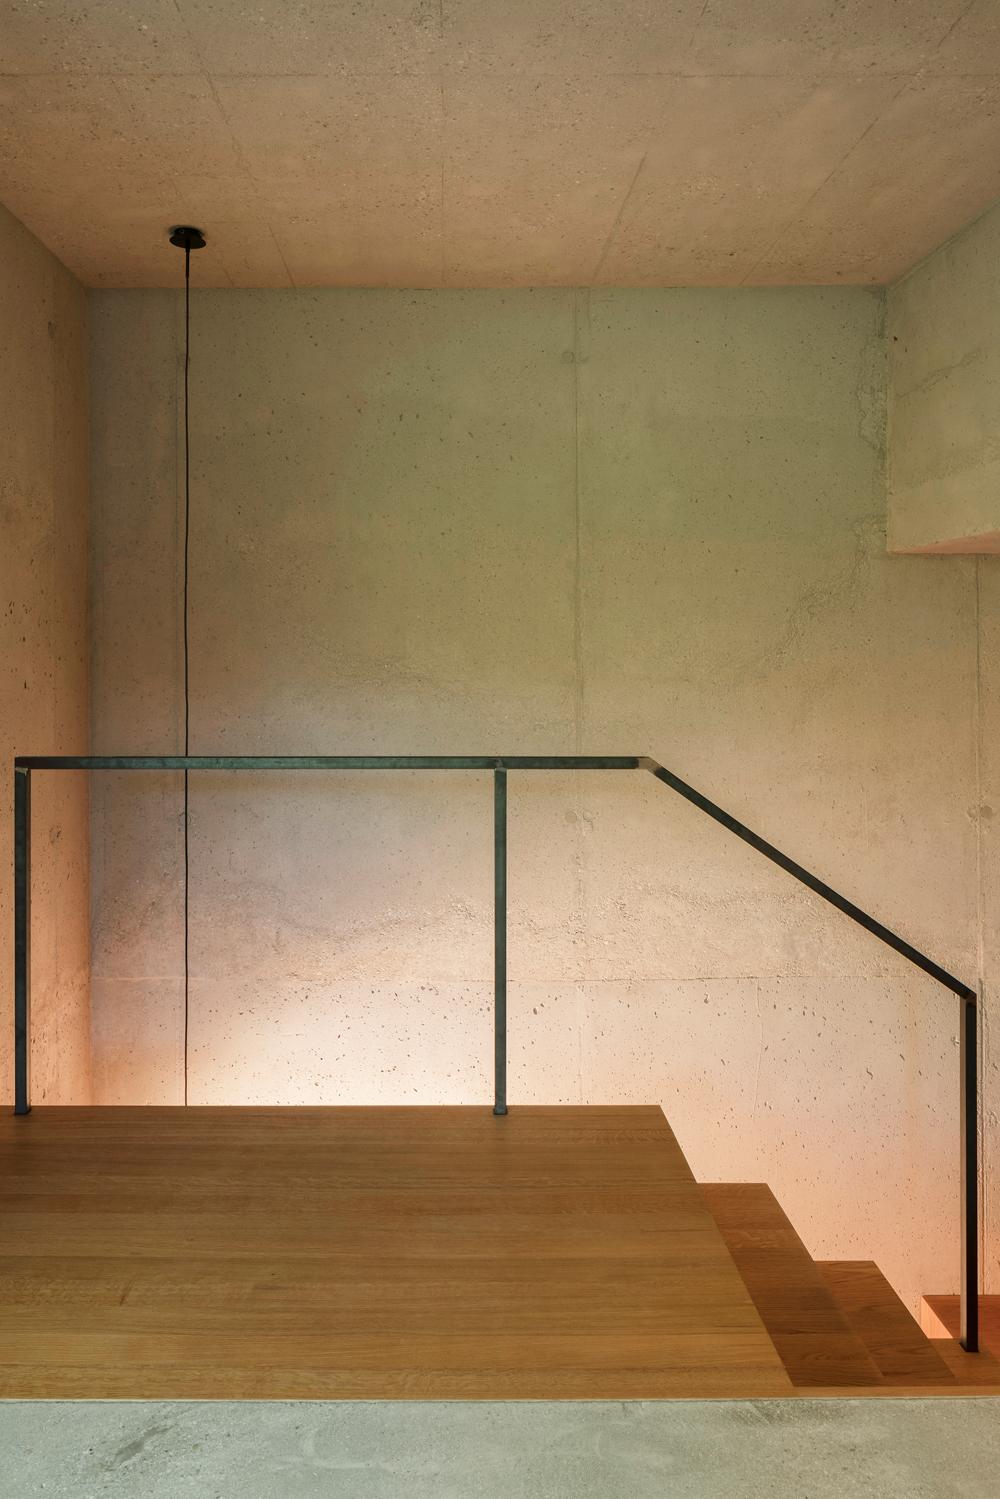 Buero Wagner Architecture Australia